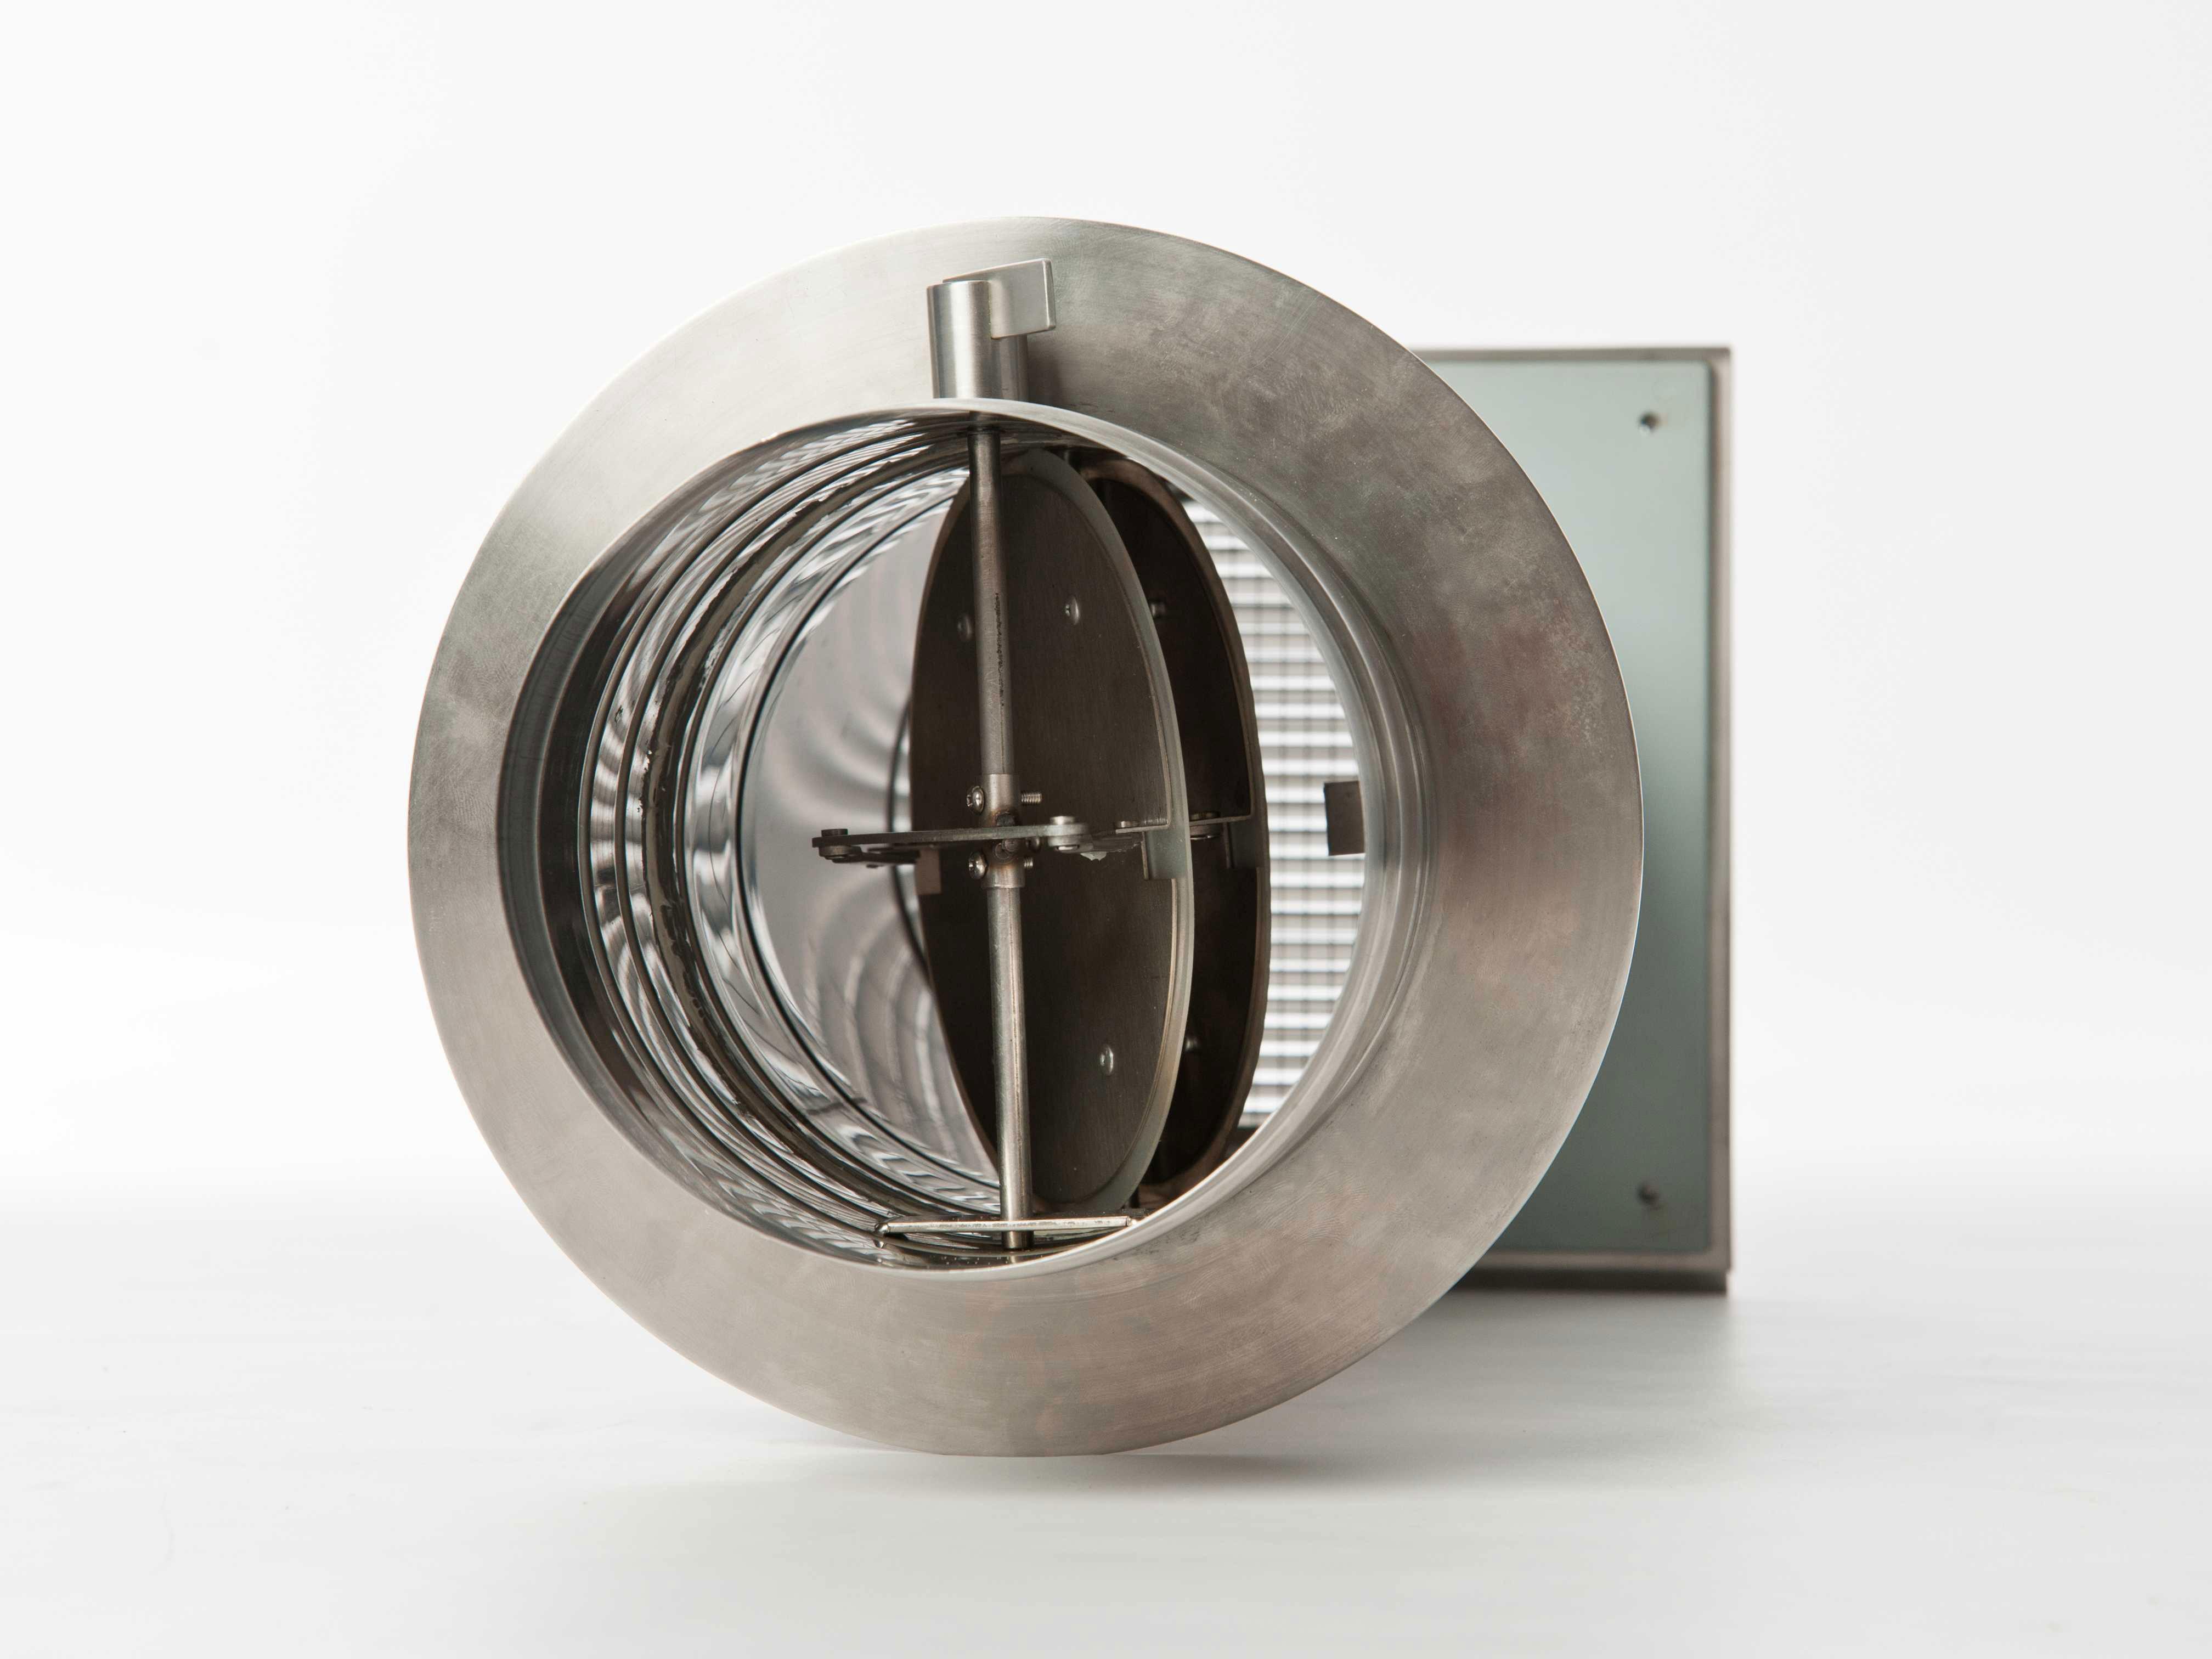 externer Luftanschluss Mauerdurchführung Doppelklappe 150mm Stutzen Bild 4